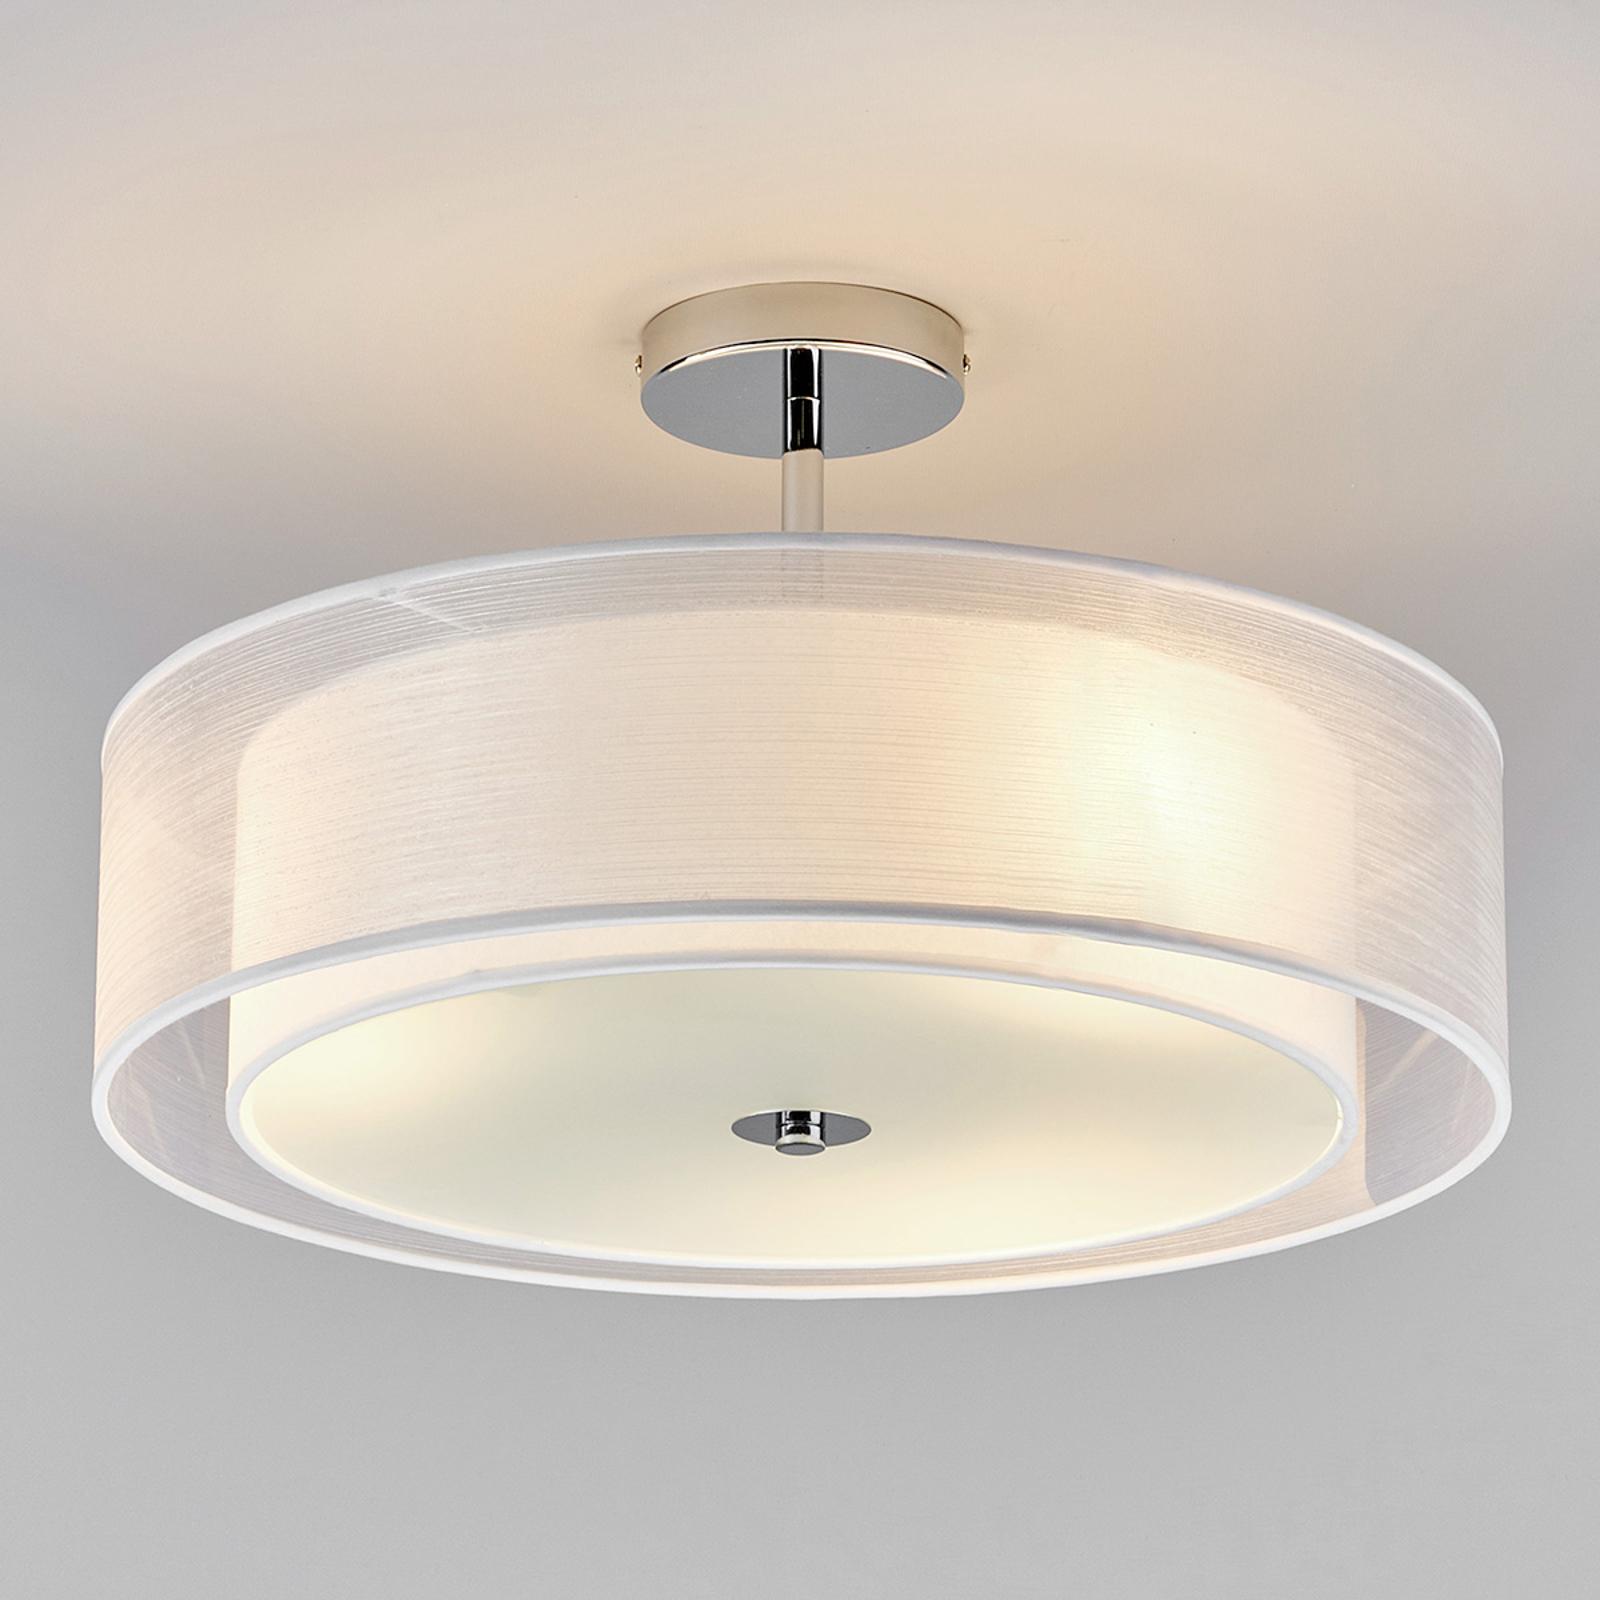 LED-taklampa Pikka med vit skärm